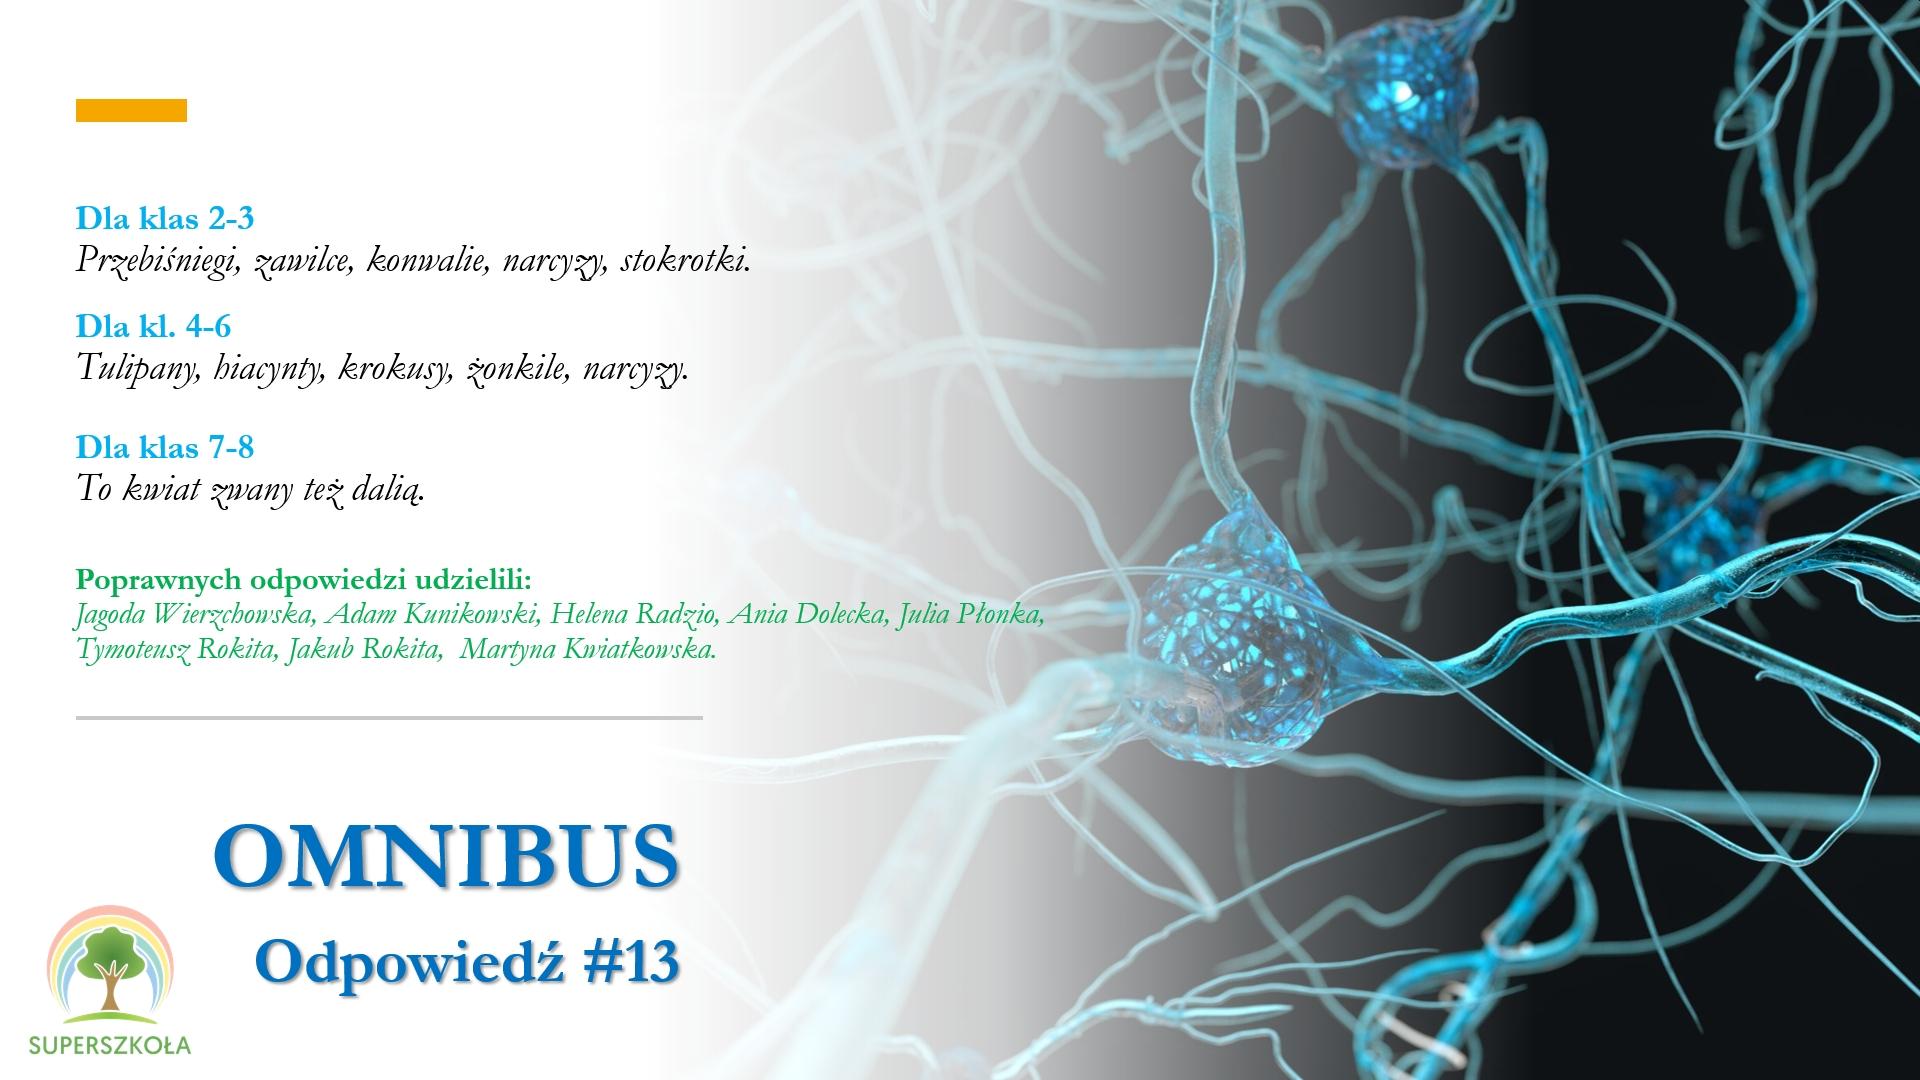 omnibus_odp_13